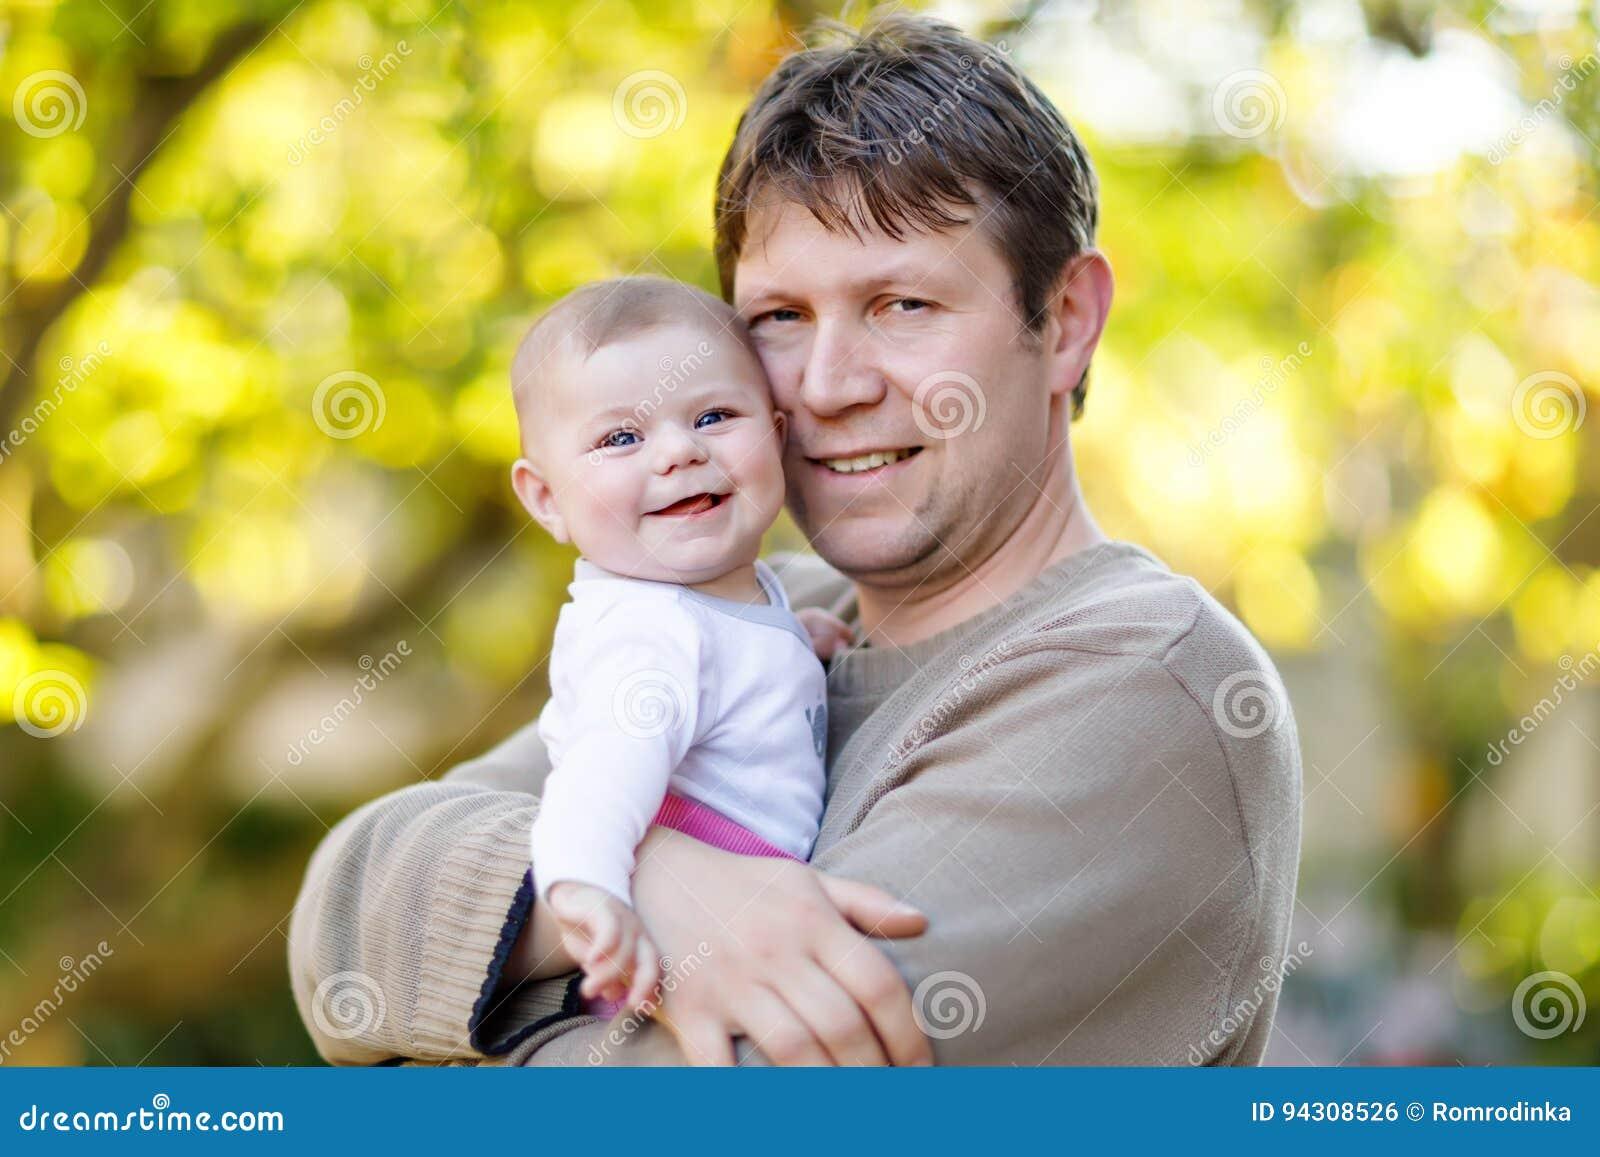 Gelukkige trotse jonge vader met pasgeboren babydochter, familieportret samen